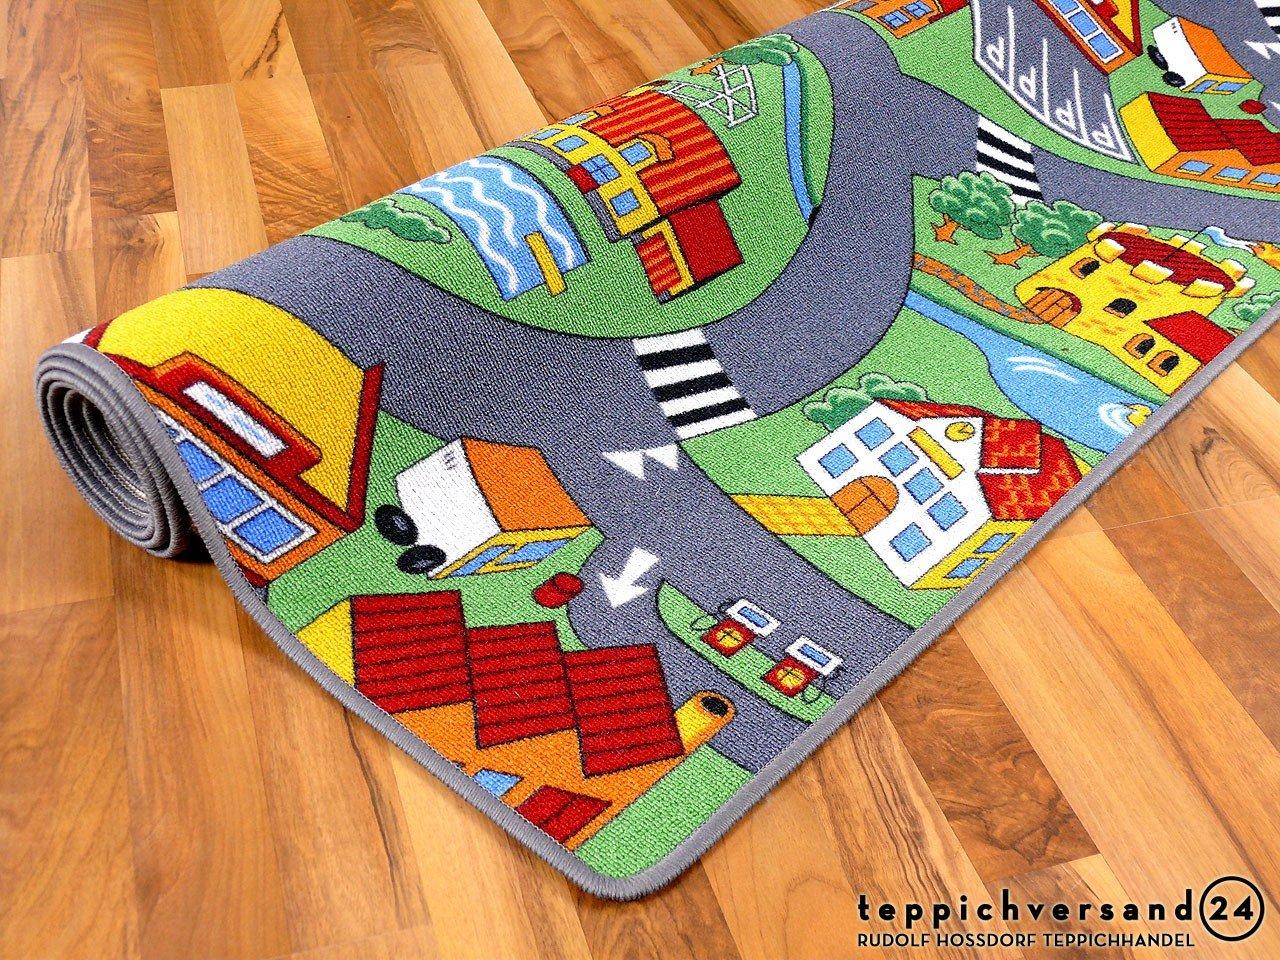 Amazon.de: Kinder Spiel Teppich Little Village Grün in 24 Größen